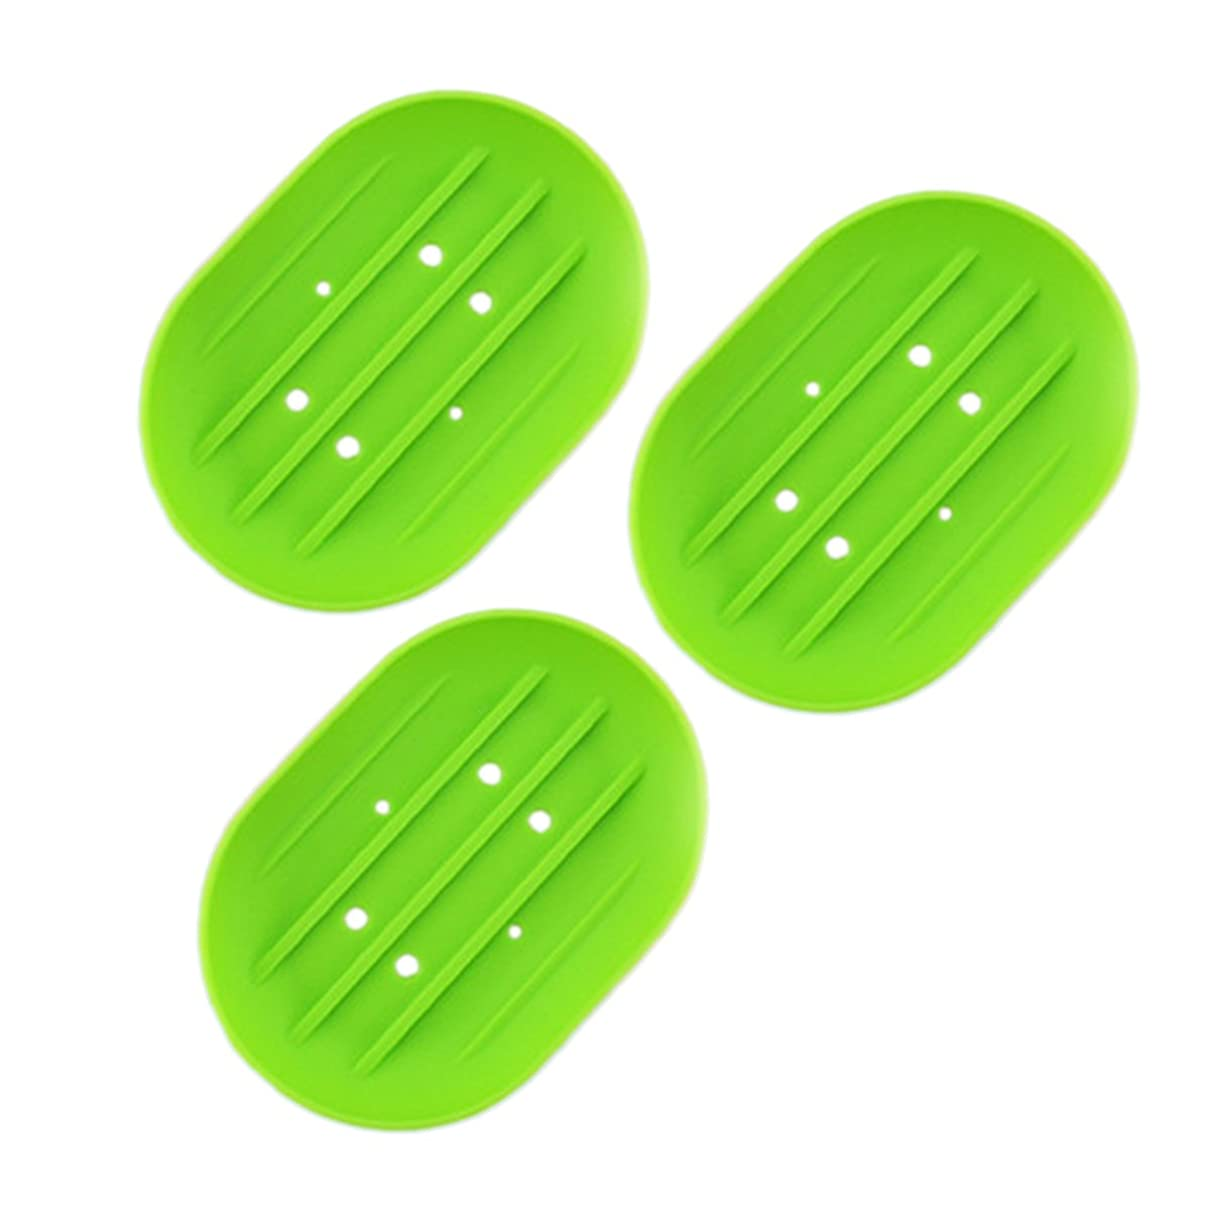 予約思い出委任BESTOMZ ソープディッシュソープホルダー, 石鹸トレイ乾燥石鹸バー 浴室用キッチン用3連グリーン用